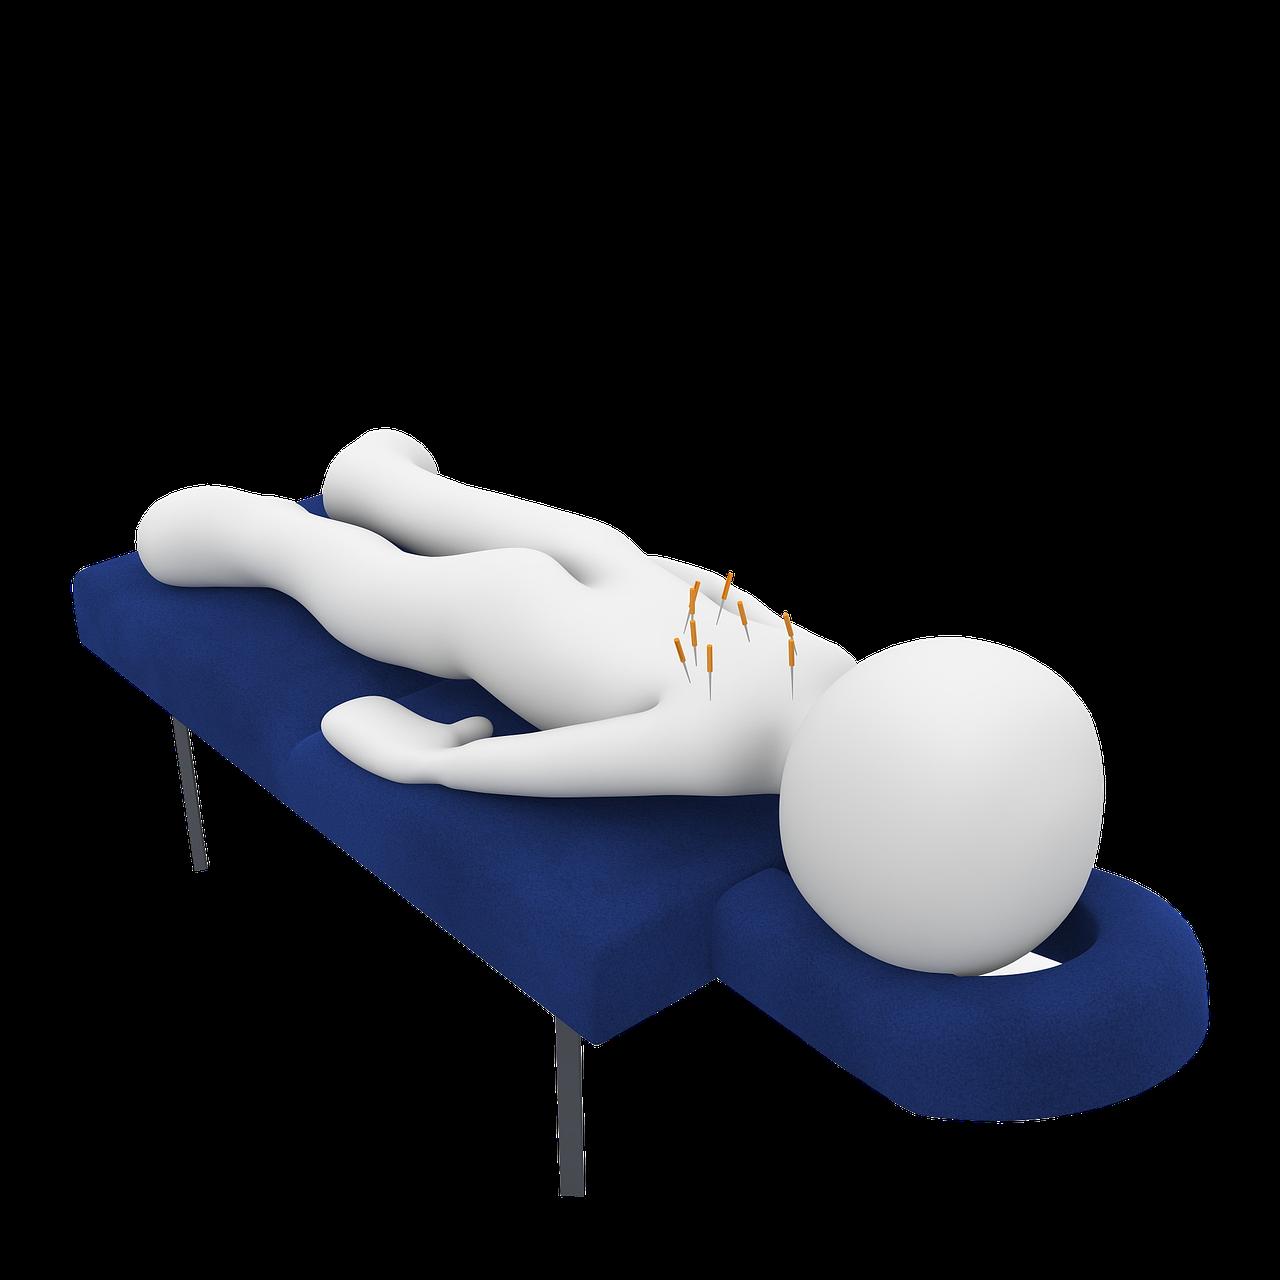 Praktijk voor Fysiotherapie Wenenweg fysiotherapie spieren